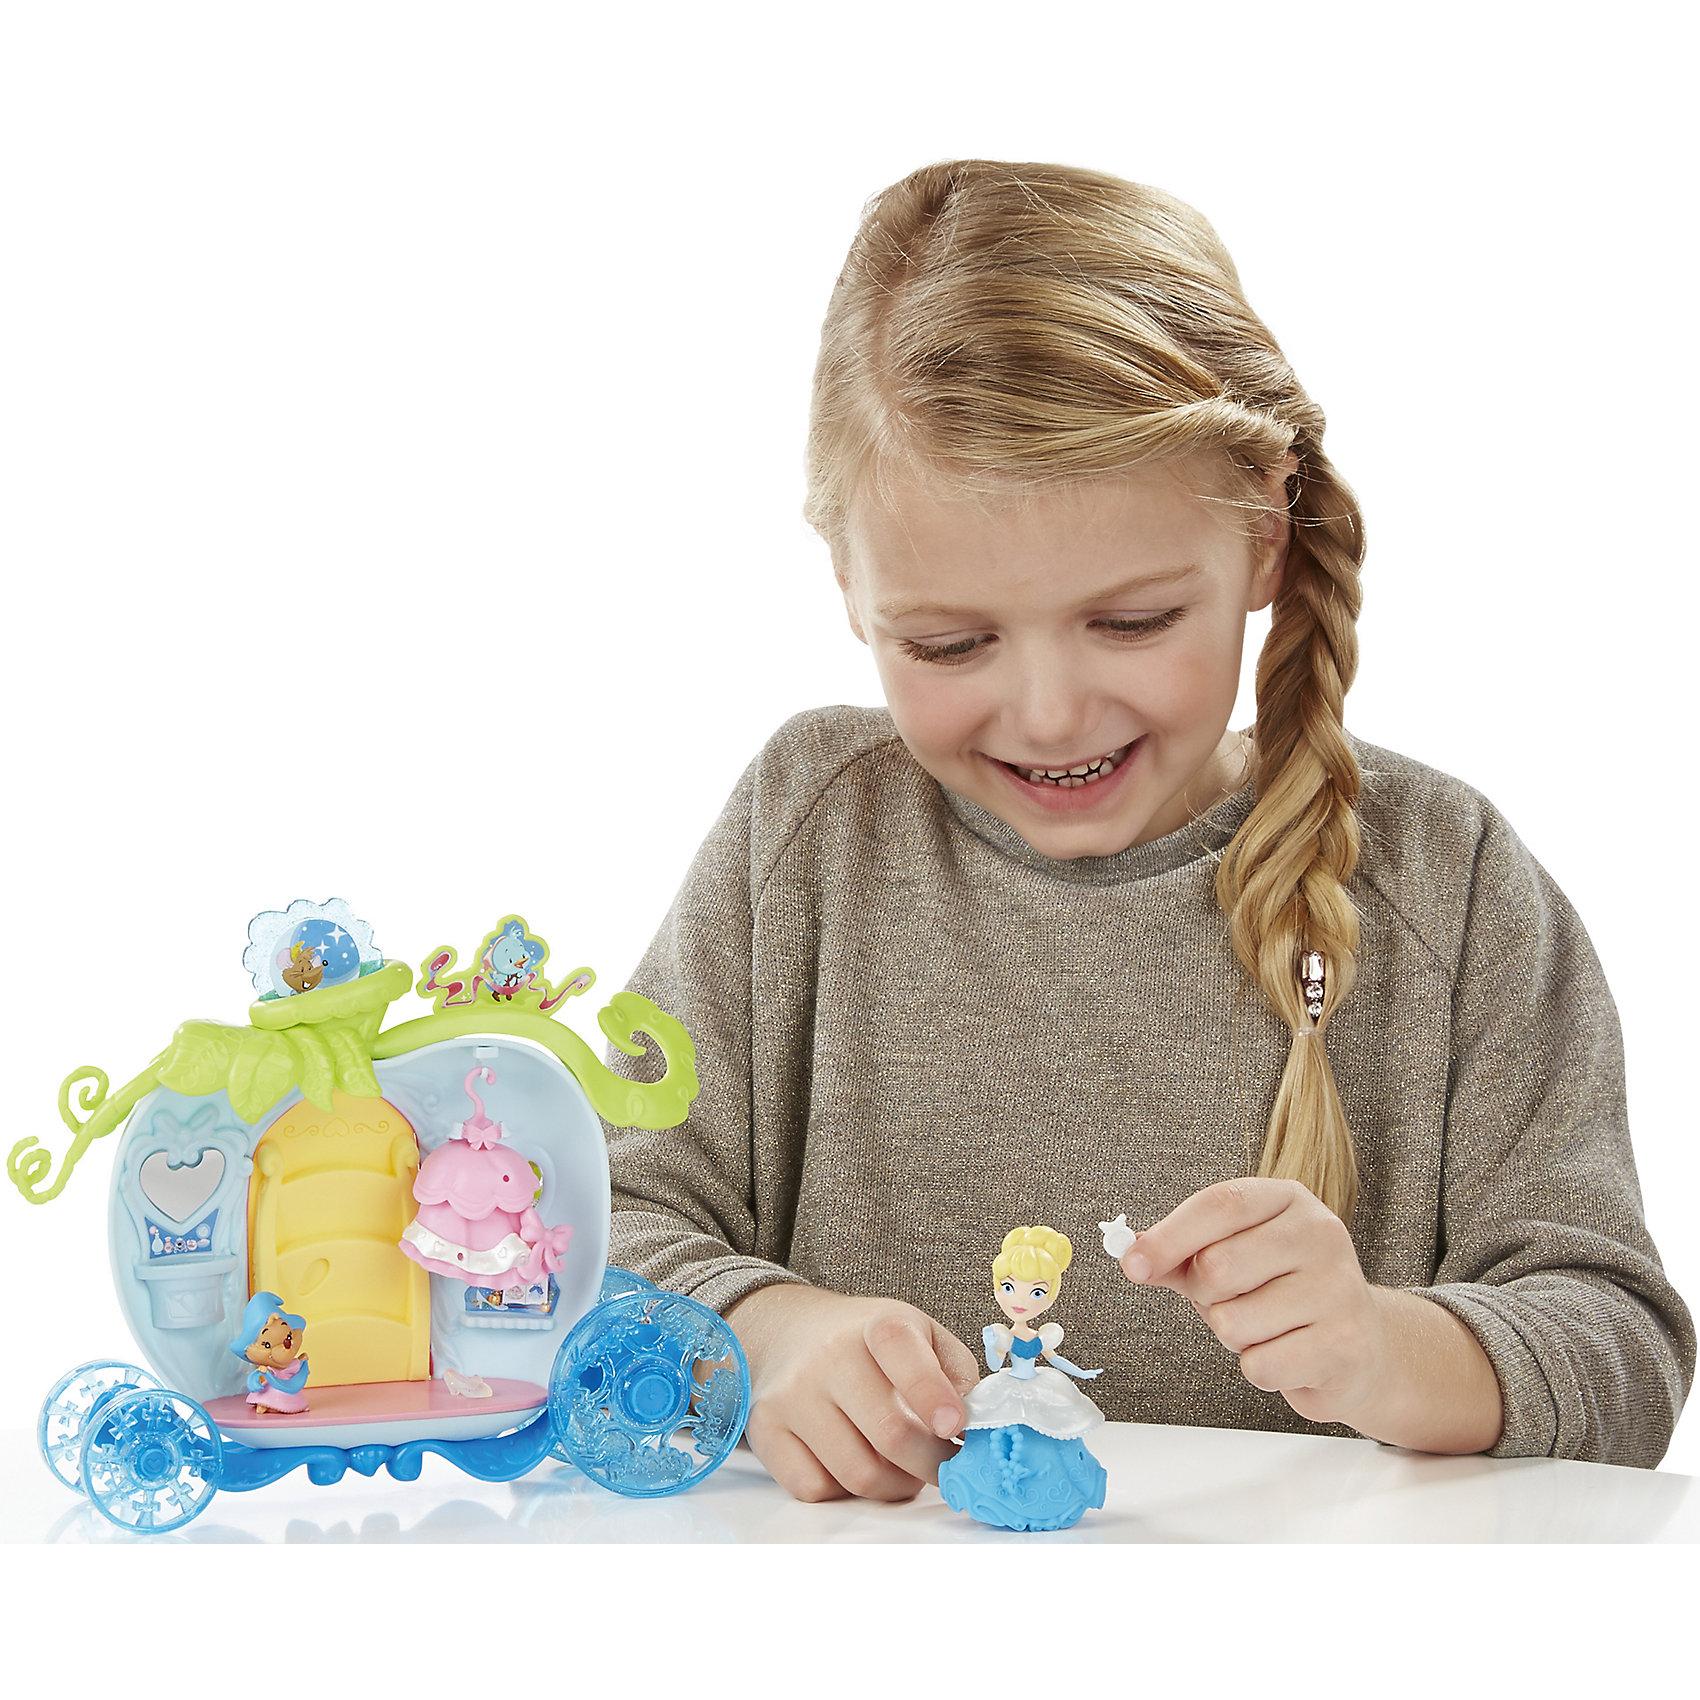 Игровой набор Маленькая кукла Принцесса, с аксессуарами Золушка, B5344/B5345Игровой набор Маленькая кукла Принцесса, с аксессуарами, B5344/B5345.<br><br>Характеристики:<br><br>- В наборе: кукла Золушки; карета; фигурка мышонка; дополнительный наряд; 5 аксессуаров<br>- Материал: высококачественный пластик<br>- Высота куклы: 7,5 см.<br>- Размер упаковки: 6,6х30,5х22,9 см.<br><br>Подготовьте Золушку к самому важному в ее жизни балу с набором Маленькая кукла Принцесса, с аксессуарами! Заколдованная карета в форме тыквы снабжена вращающимися колесами, открывающейся дверцей и откидывающейся подножкой - при открытии дверцы подножка откидывается автоматически, позволяя принцессе изящно впорхнуть в карету. В наборе есть небольшая вешалка для сменного платьица Принцессы, красивые аксессуары, а также любимый питомец - Гас. Куколка, входящая в набор, относится к целой серии игрушек под названием Disney Princess Little Kingdom, поэтому имеет небольшой размер - всего 7,5 см. Не смотря на это, у нее красивый дизайн, а также превосходная детализация! Кукла может сидеть и стоять. Данный набор еще интересен и тем, что в платье куколки есть крохотные дырочки, в которые ребенок сможет прикрепить красивые тематические аксессуары из набора. Игровой набор изготовлен из качественного, нетоксичного пластика.<br><br>Игровой набор Маленькая кукла Принцесса, с аксессуарами, B5344/B5345 можно купить в нашем интернет-магазине.<br><br>Ширина мм: 65<br>Глубина мм: 305<br>Высота мм: 1400<br>Вес г: 415<br>Возраст от месяцев: 48<br>Возраст до месяцев: 96<br>Пол: Женский<br>Возраст: Детский<br>SKU: 5064707